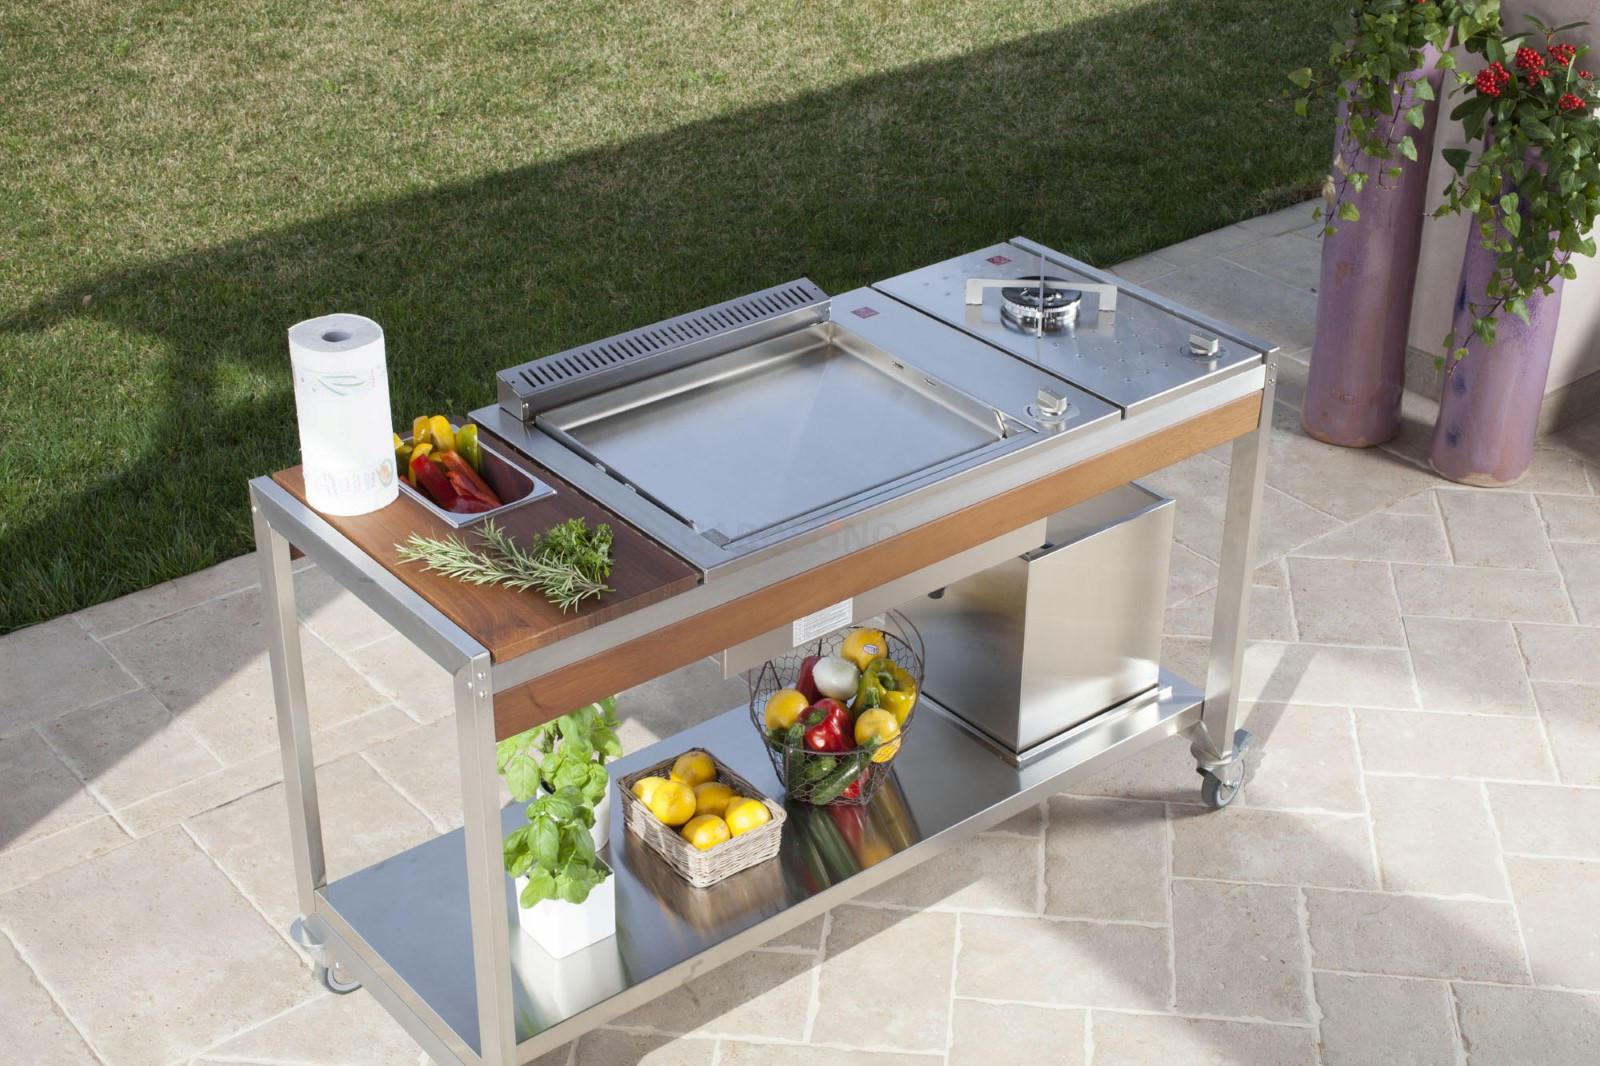 Full Size of Mobile Outdoorkchen Fr Garten Und Terrasse Küche Wohnzimmer Mobile Outdoorküche